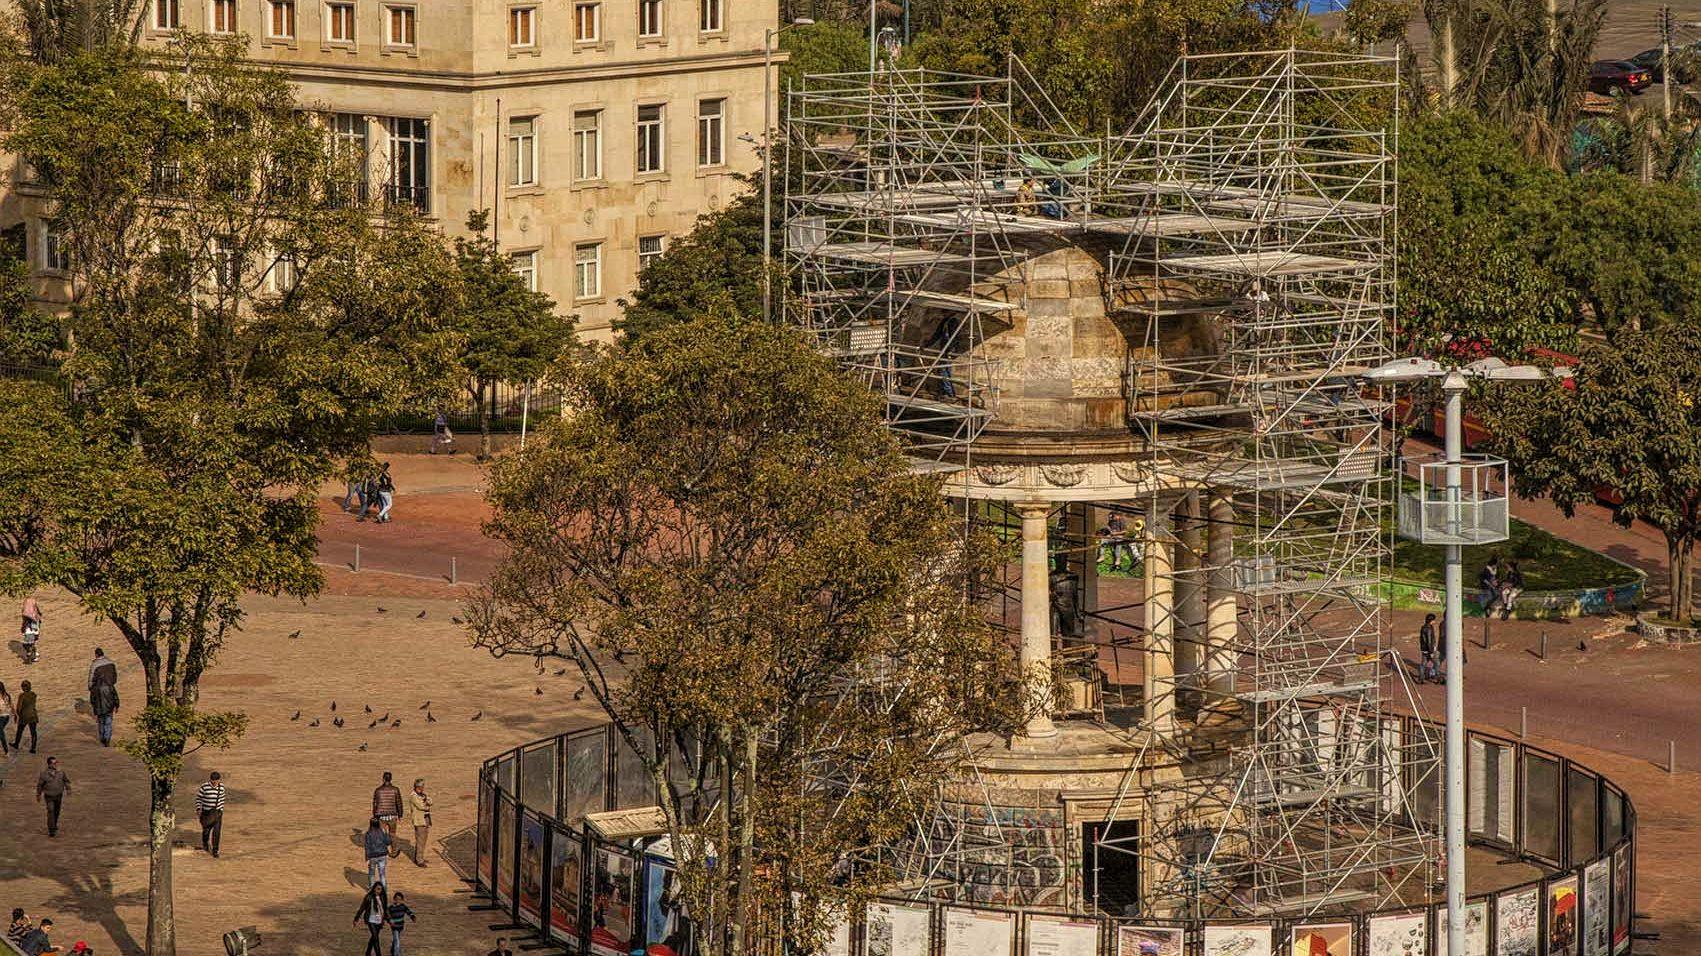 Restauración del monumento del Parque de Los Periodistas Foto: Margarita Mejía ® IDPC